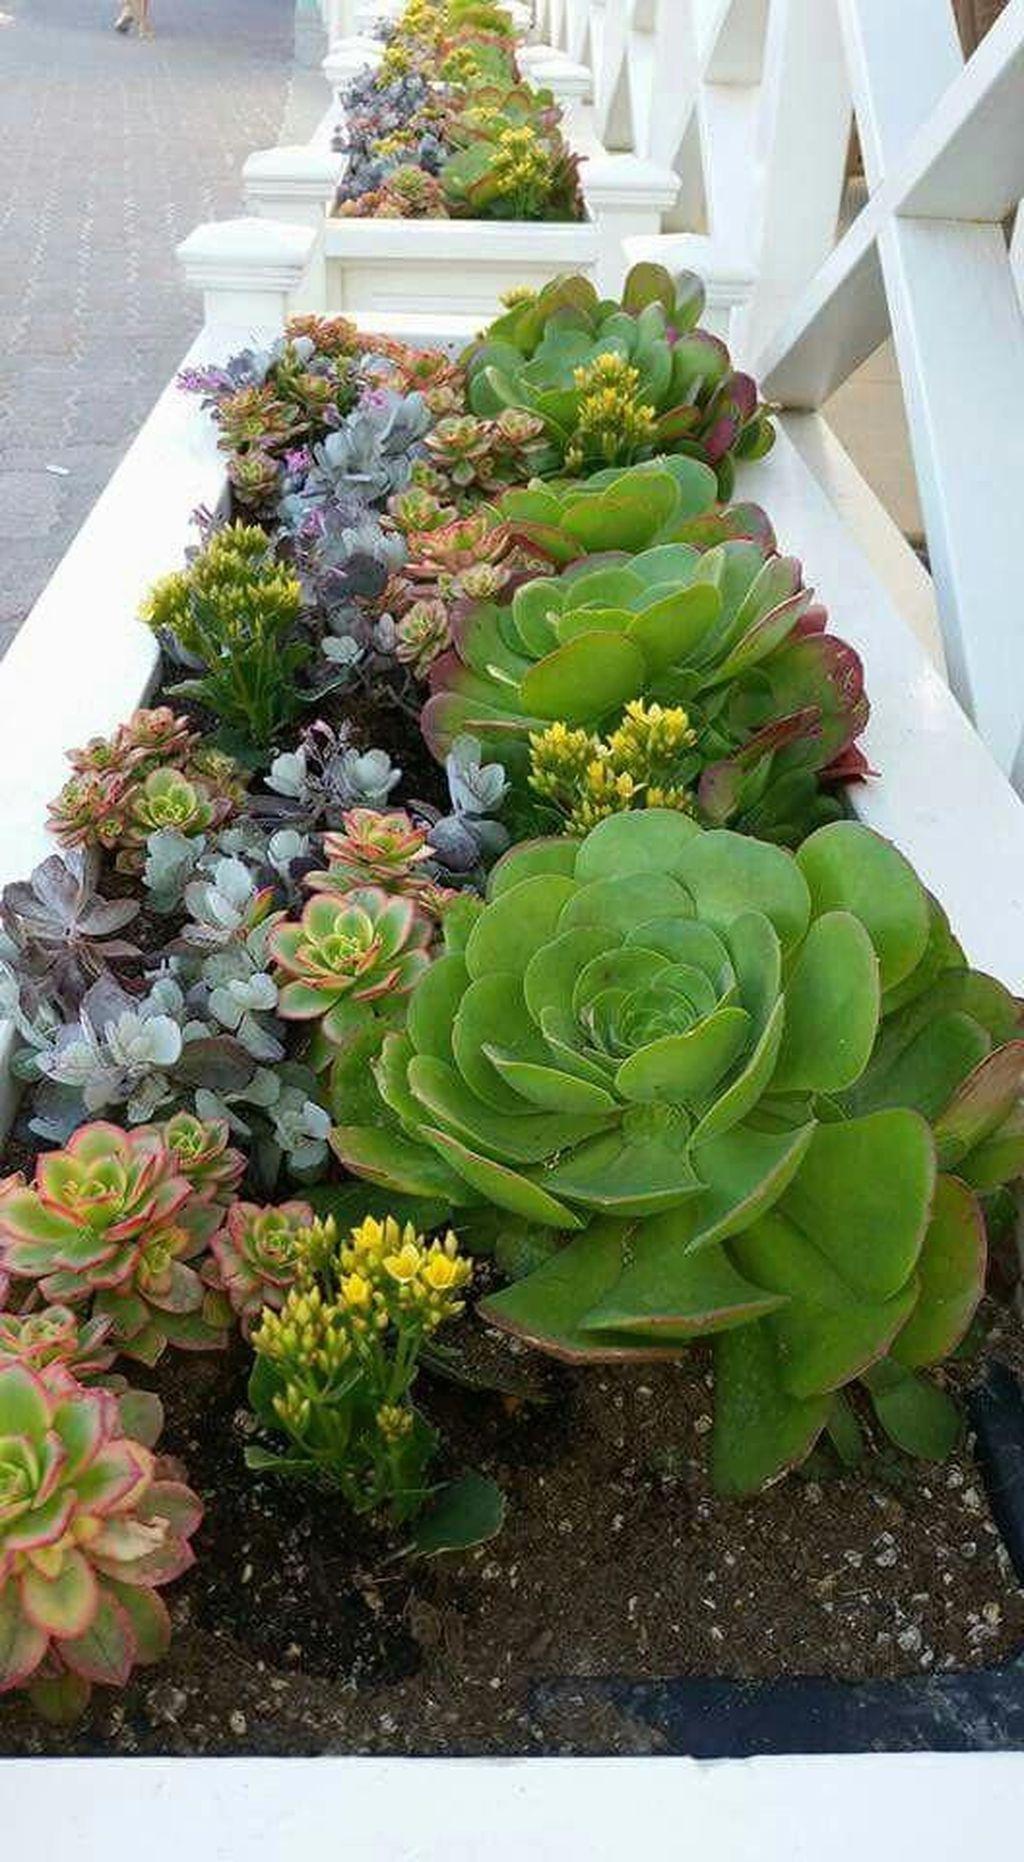 50 Gorgeous Succulent Garden Ideas For Your Backyard Succulent Garden Design Succulent Garden Landscape Succulent Landscape Design